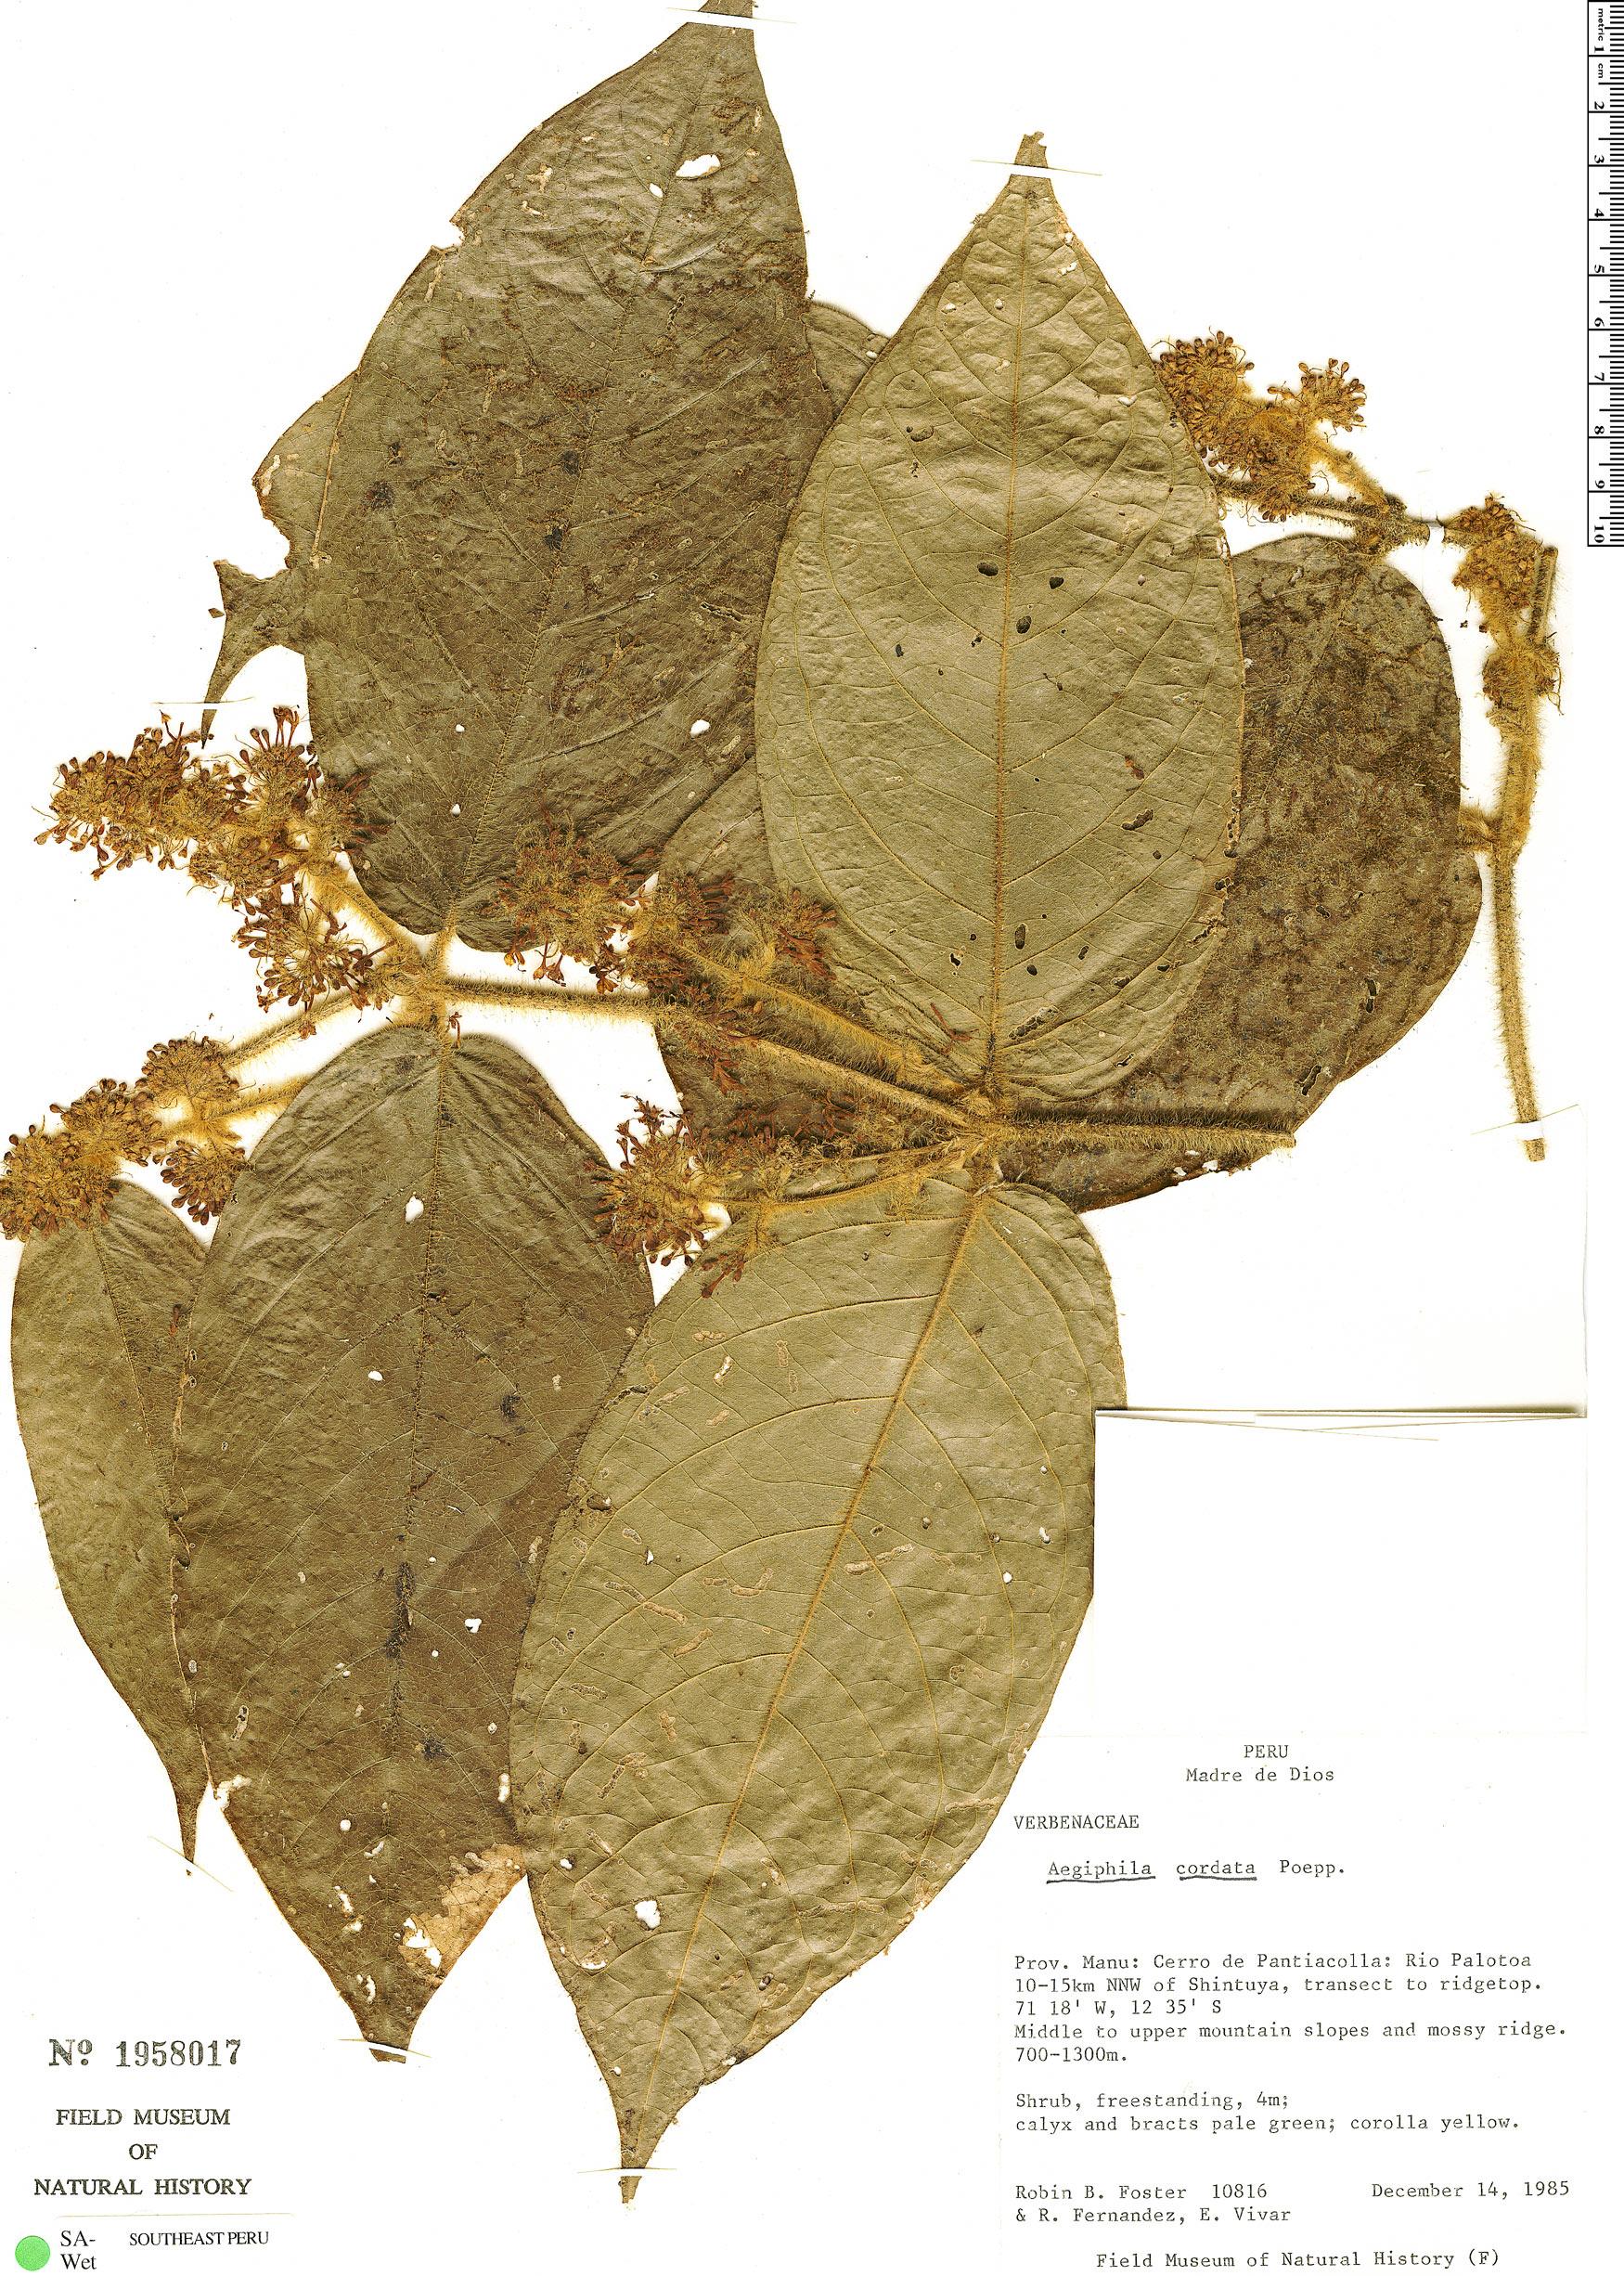 Specimen: Aegiphila cordata